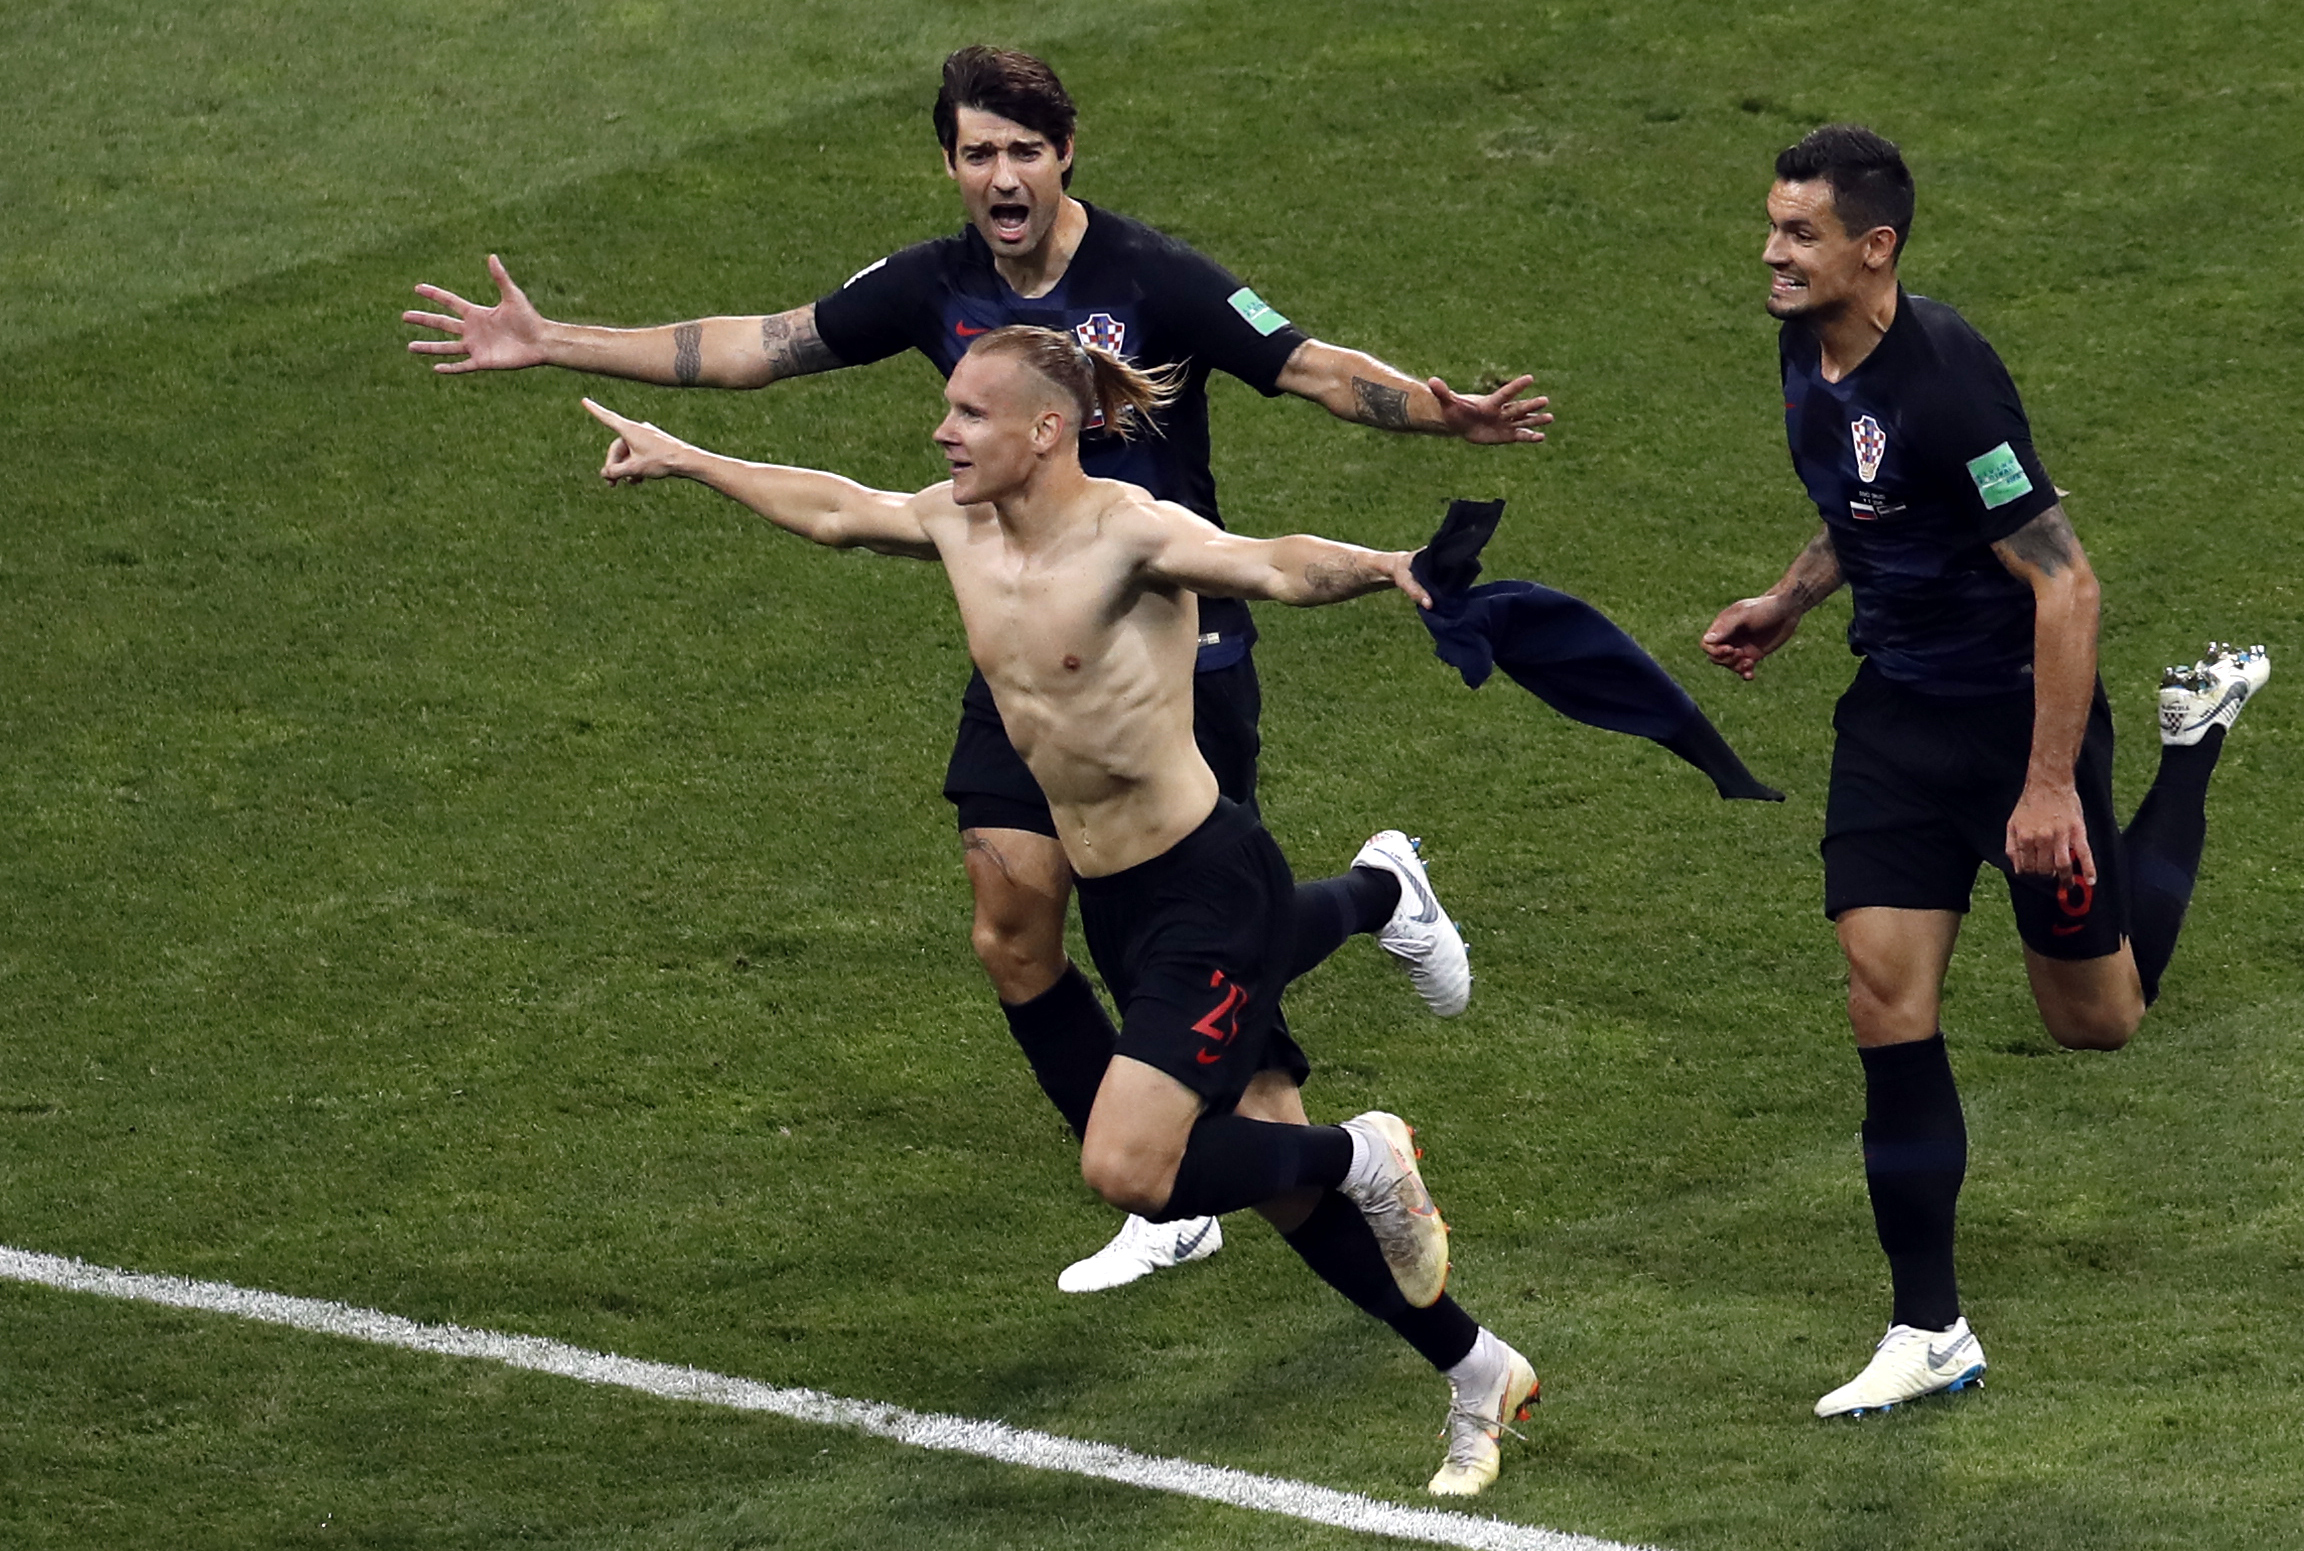 Domagoj Vida celebrating his goal. Credit: PA